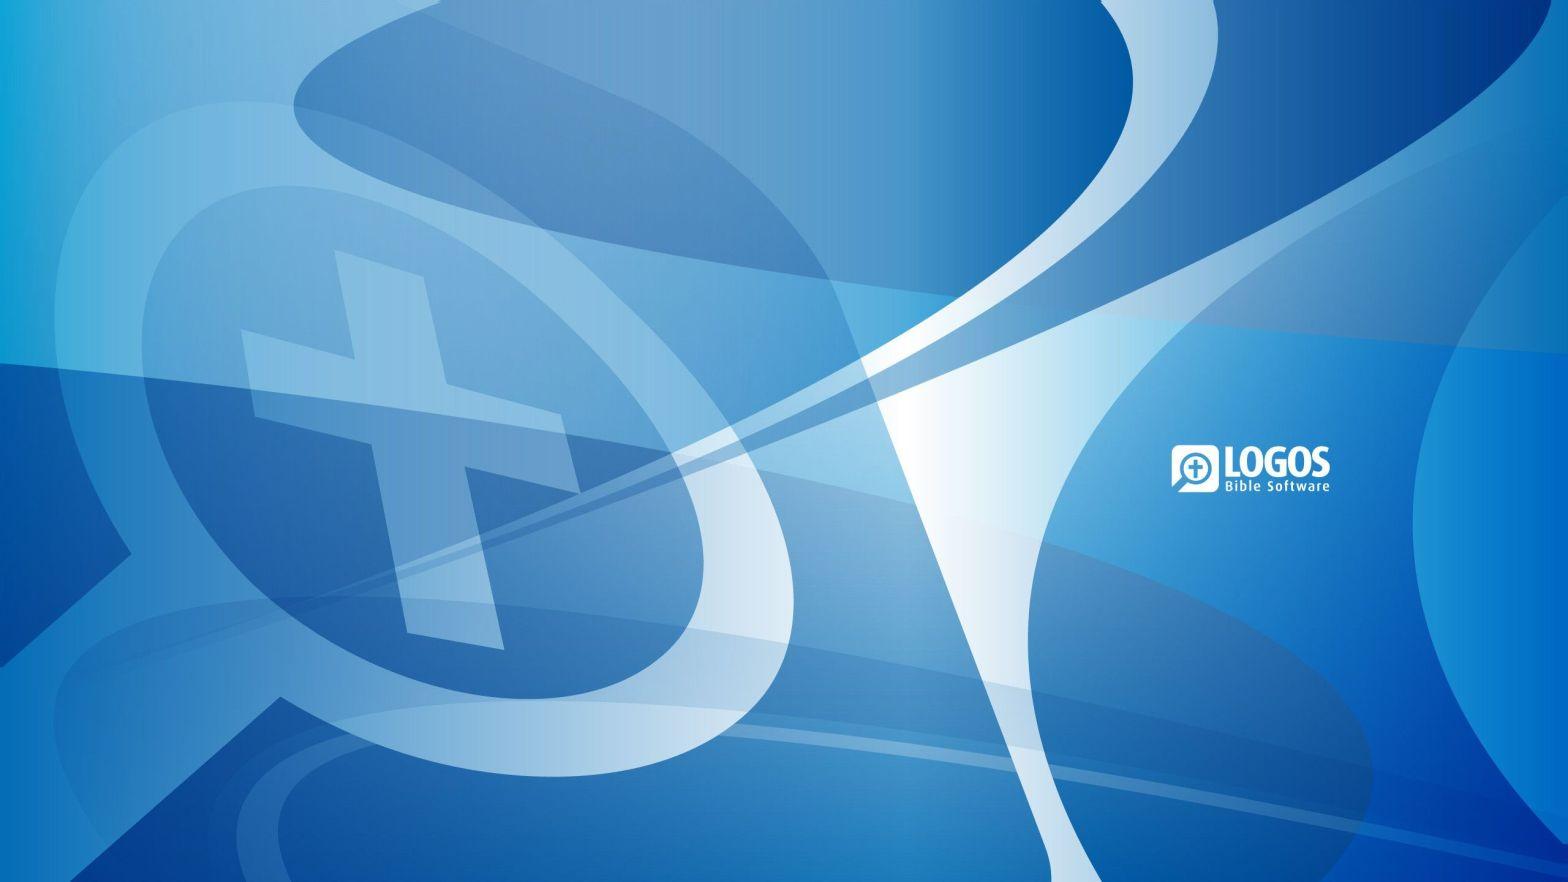 Logos Header Image